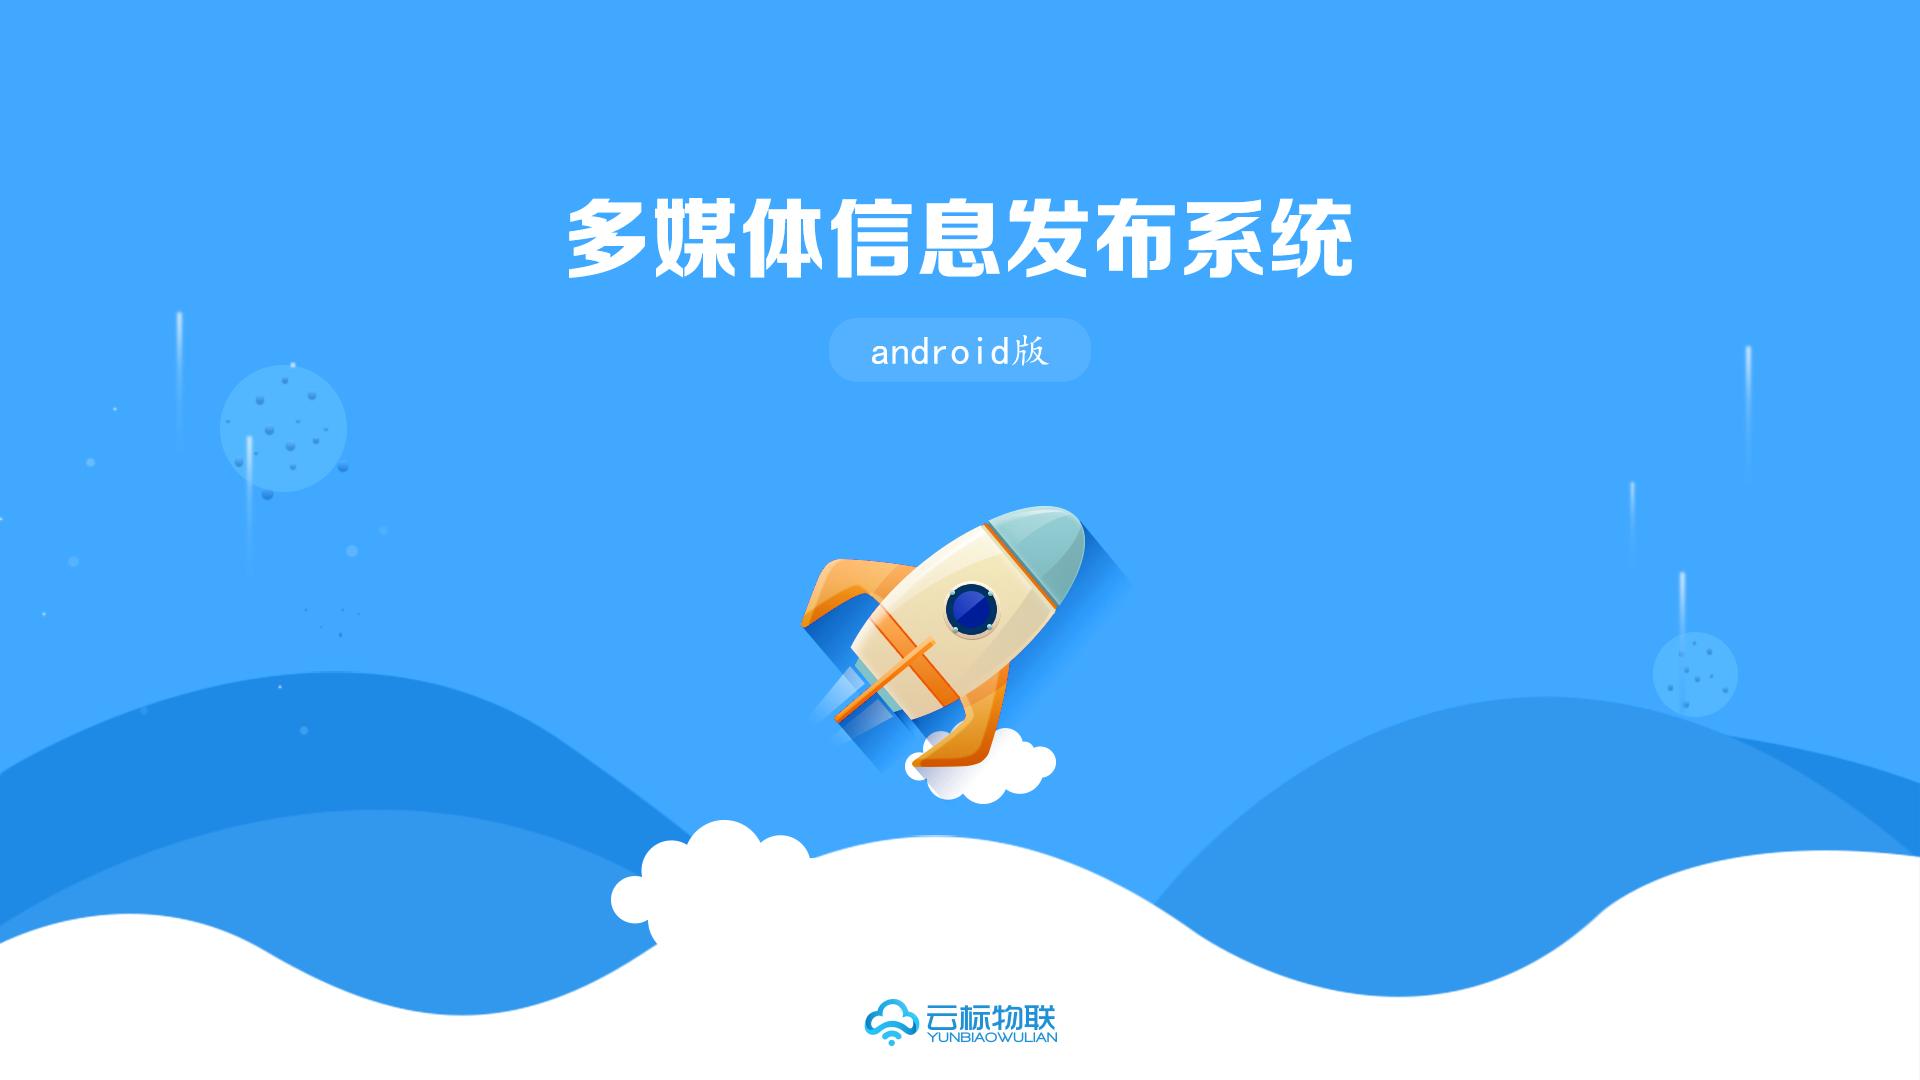 云标多媒体信息发布系统_横屏_开机画面